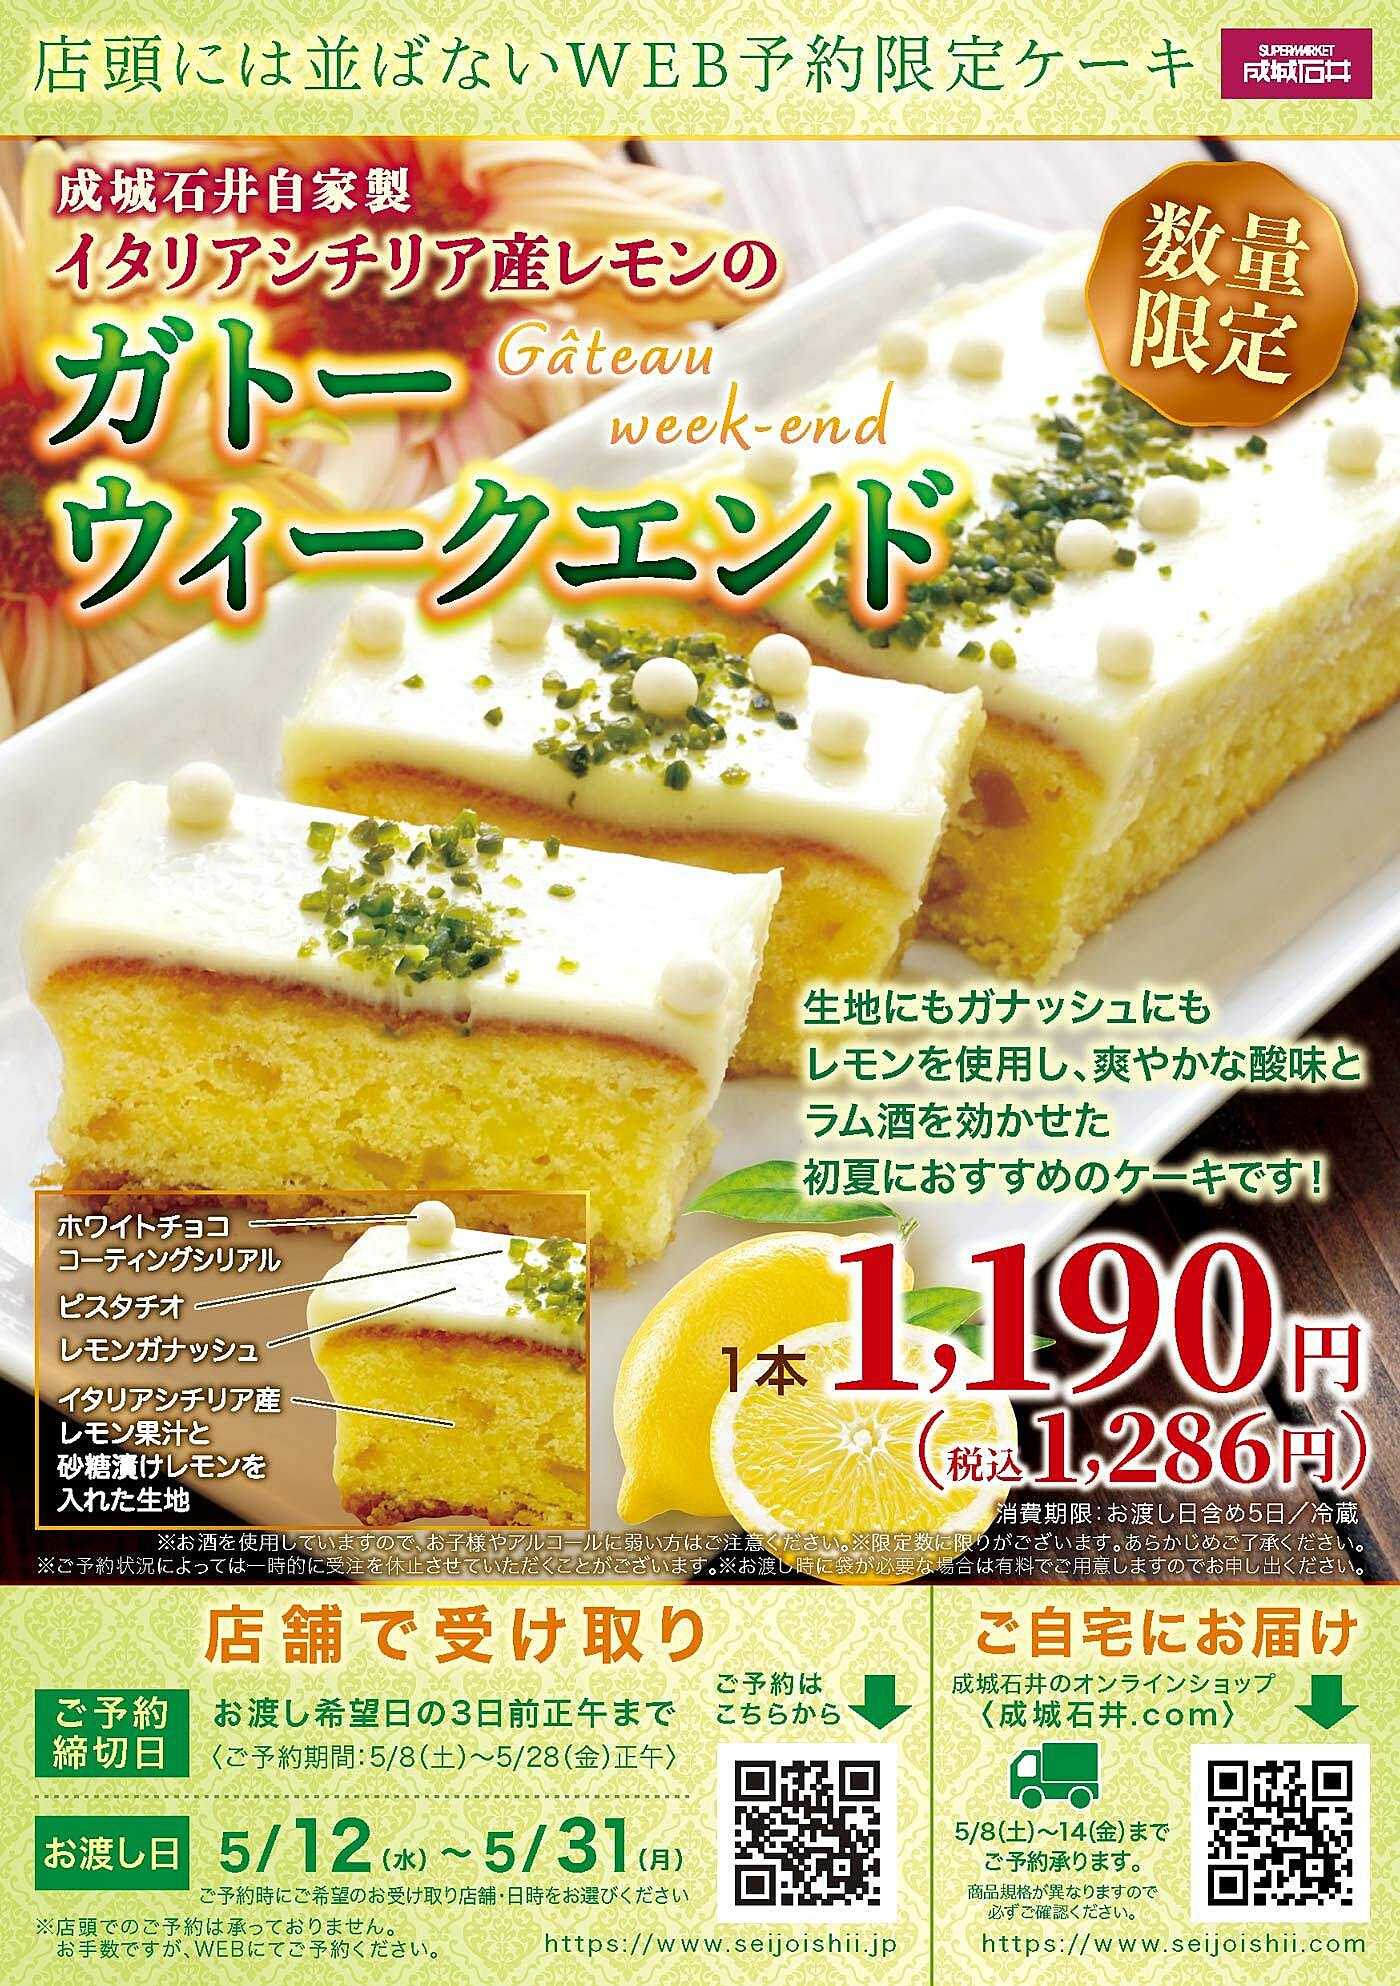 成城石井 WEB予約限定『イタリアシチリア産レモンのガトーウィークエンド』ご予約承り中!